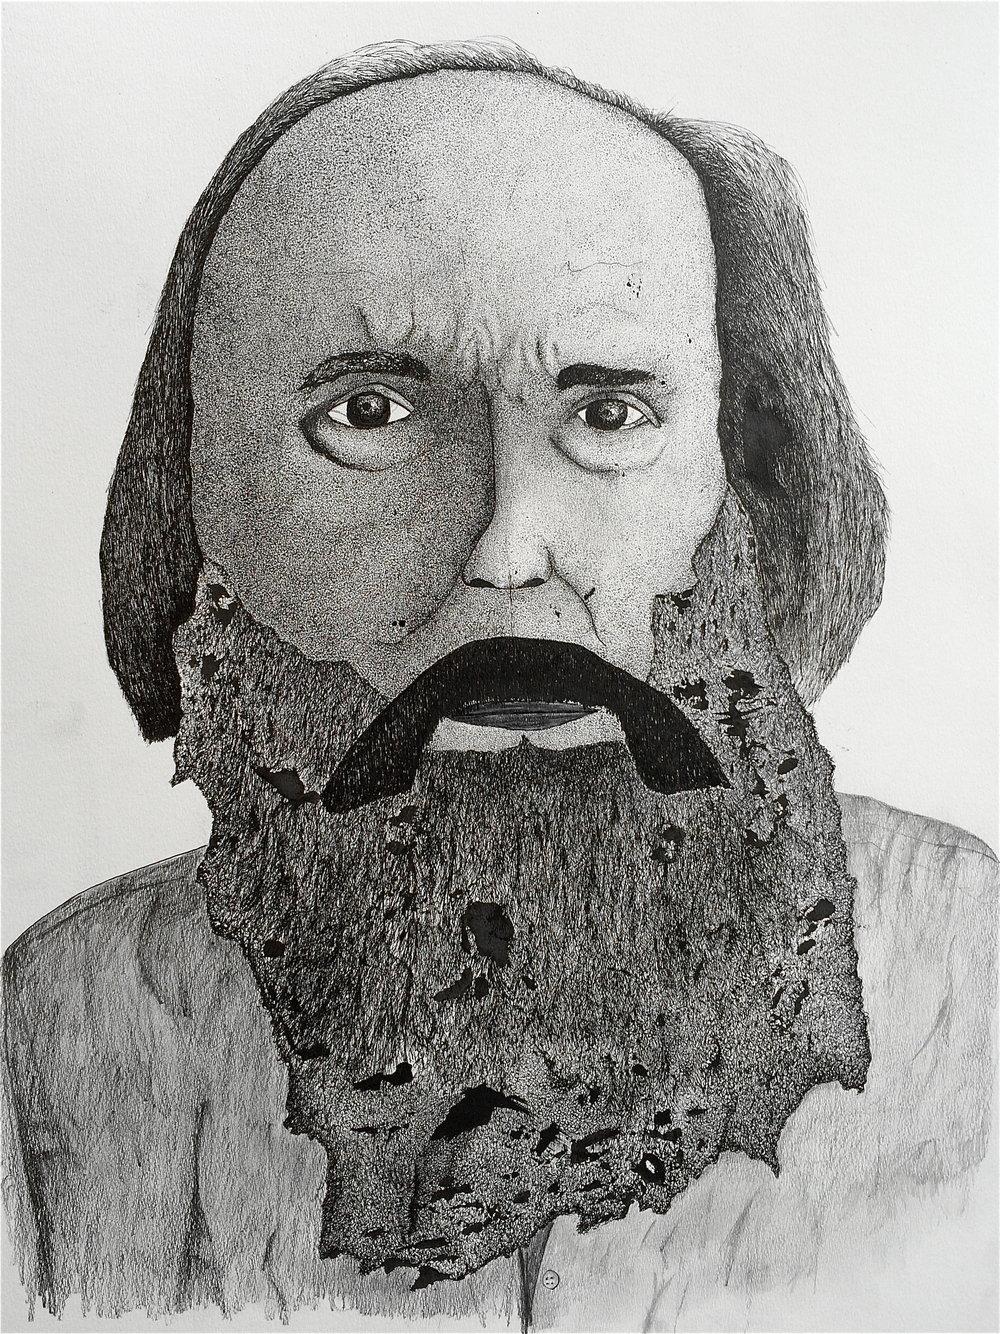 Portrait of Lubomyr Melnyk, 2016